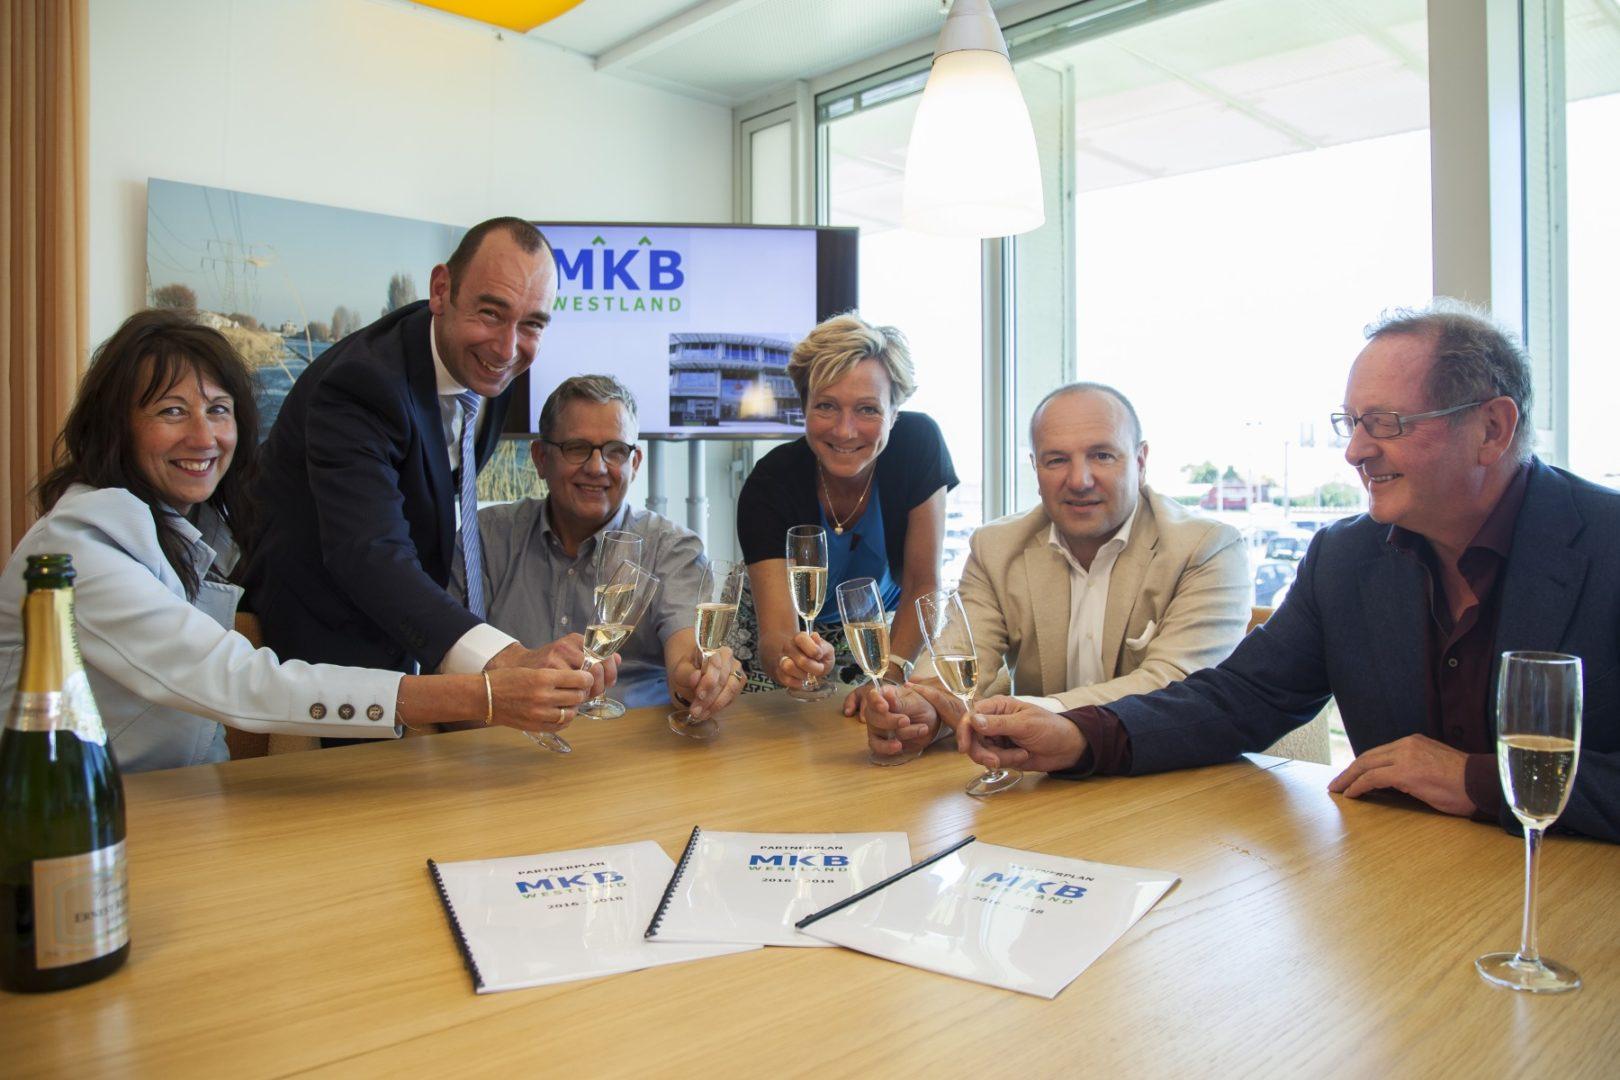 Rabobank Westland blijft komende 3 jaar sponsor van MKB Westland 'Snertbijeenkomst'